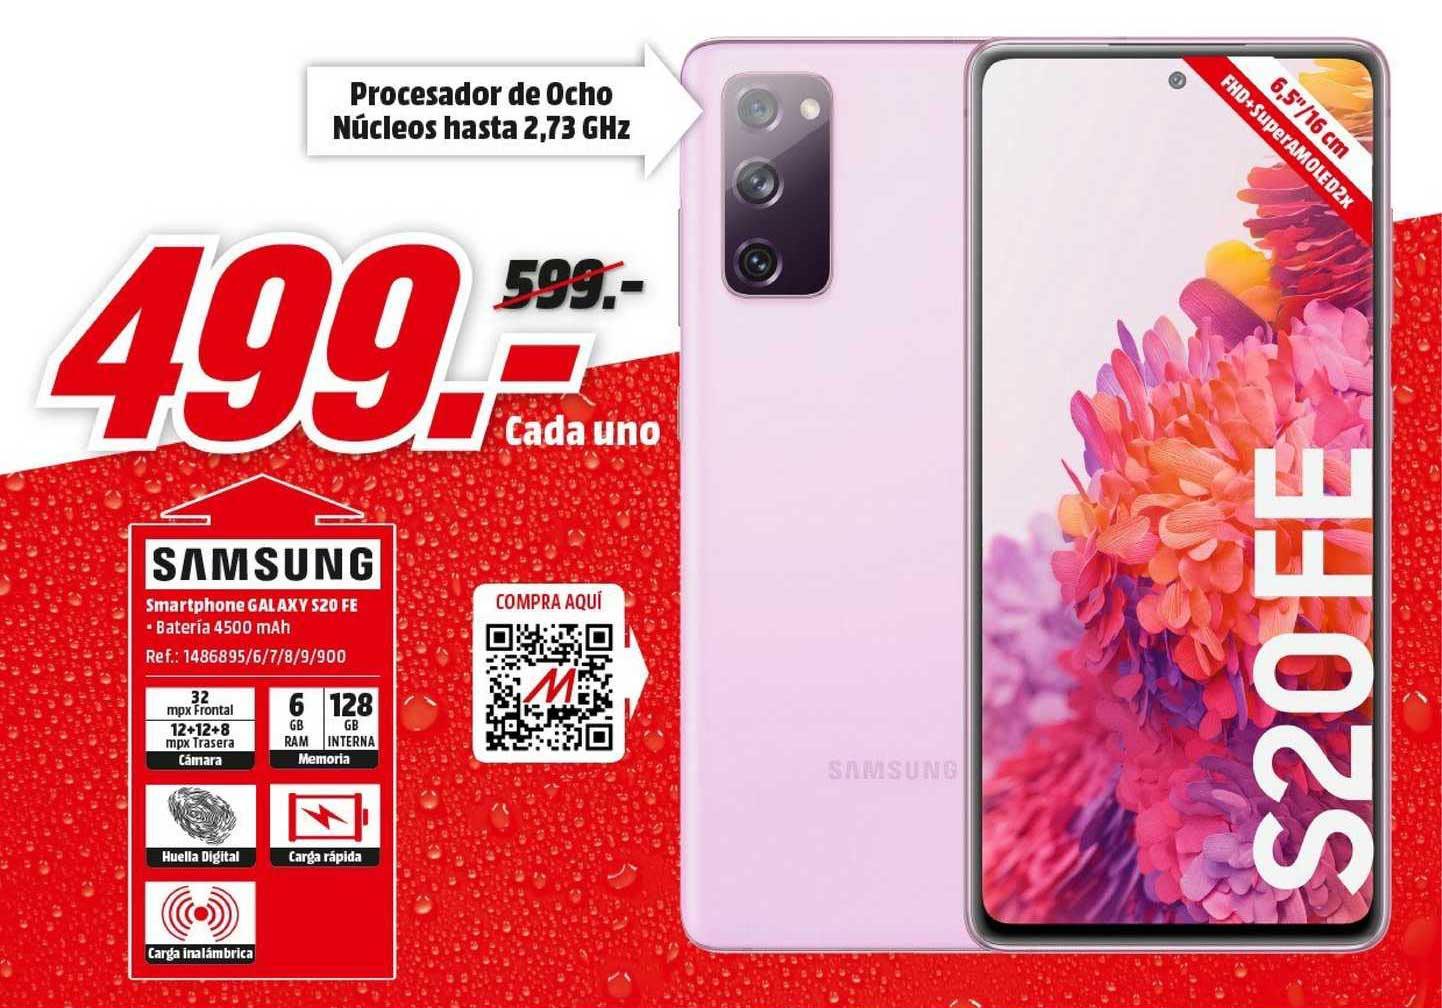 MediaMarkt Samsung Smartphone Galaxy S20 Fe